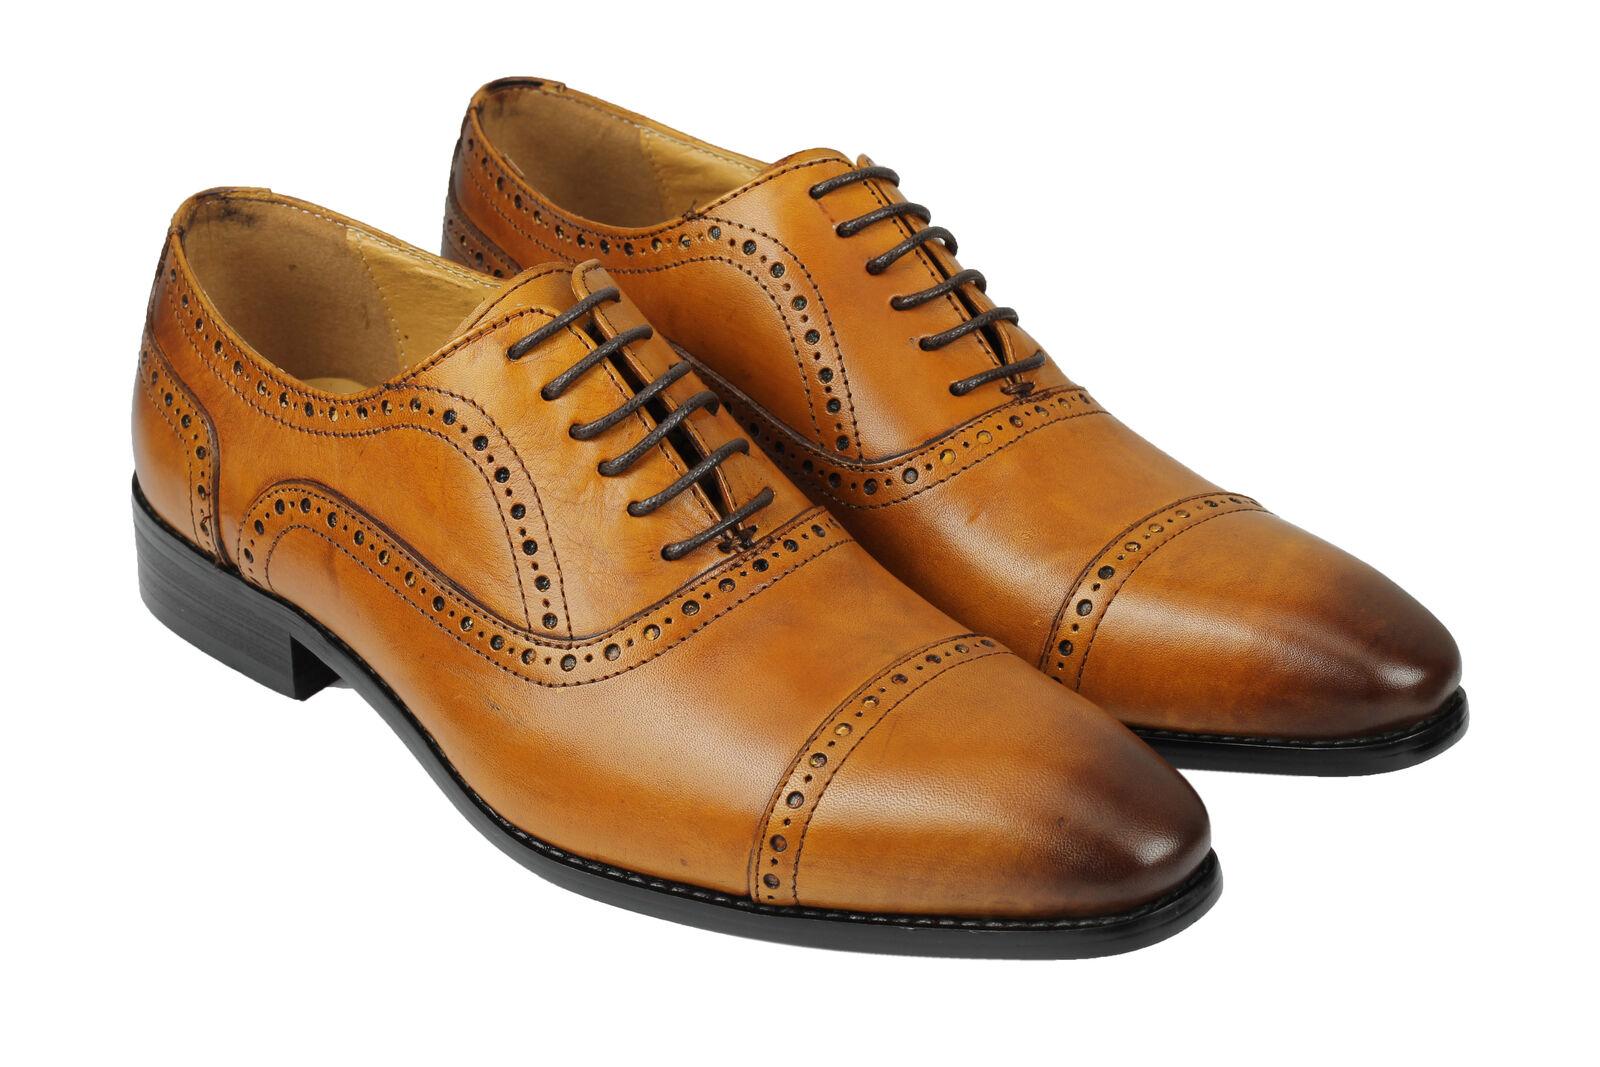 Para Hombre Clásico Retro De Cuero Genuino Real Marrón Tostado Formal Zapatos Brogue Con Cordones